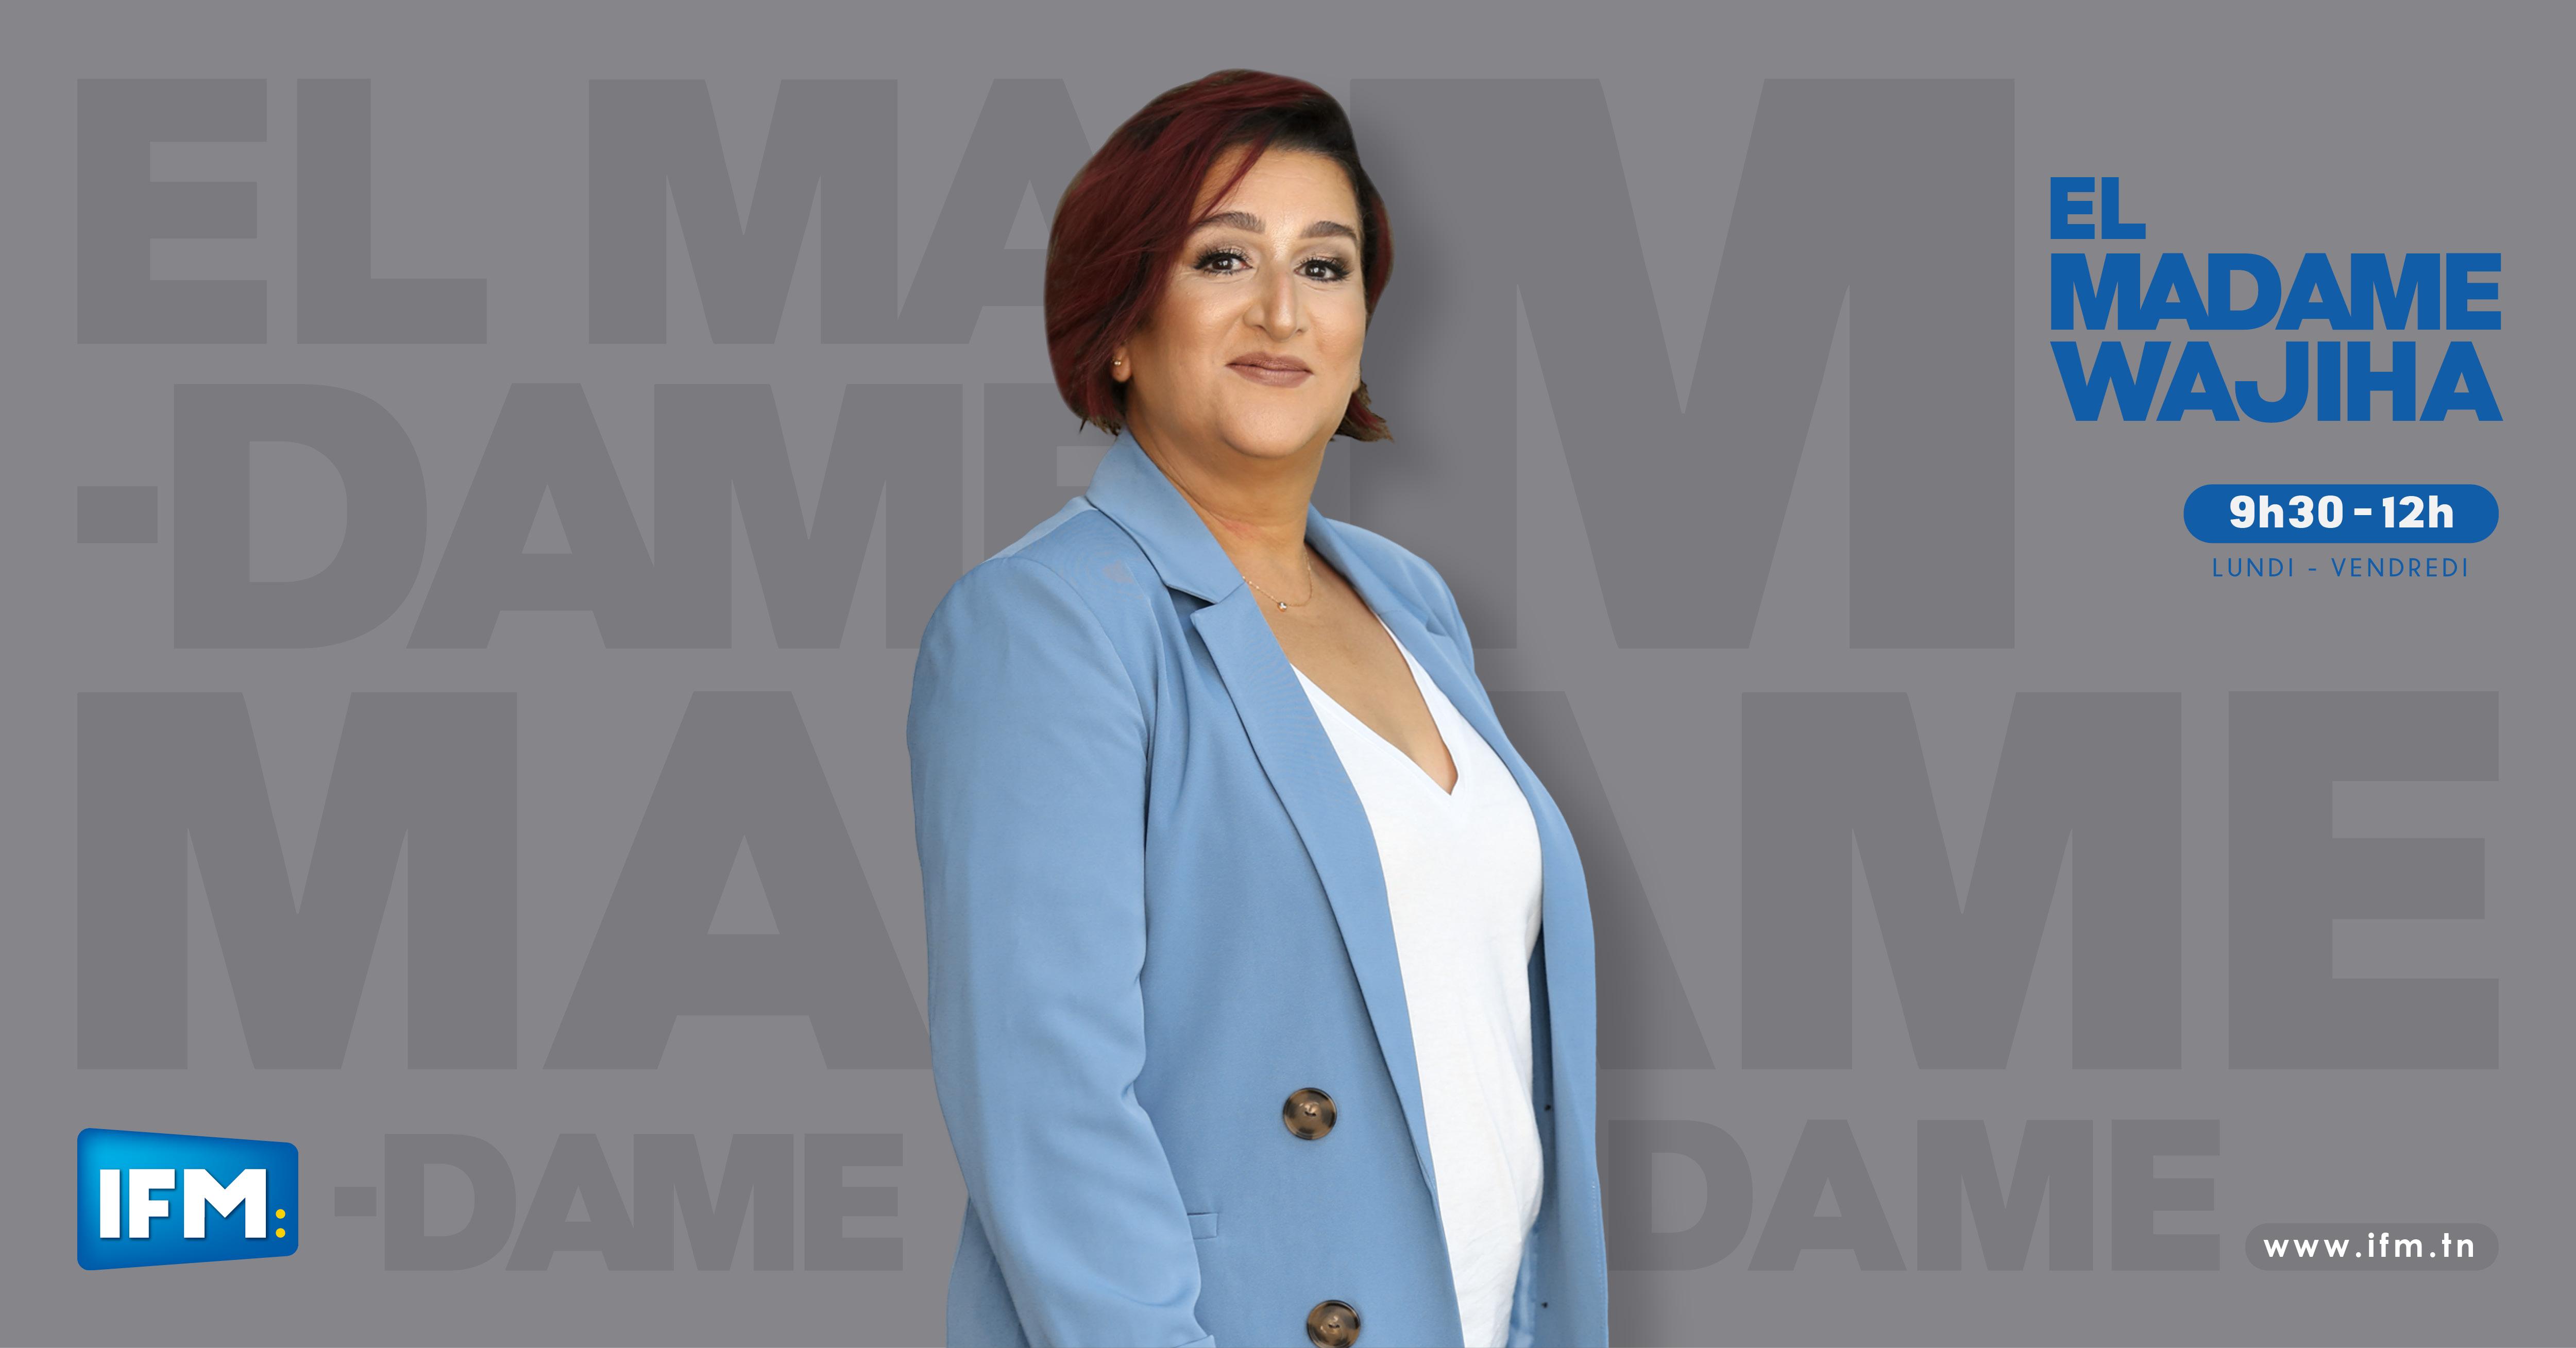 El Madame : Le 04-06-2021